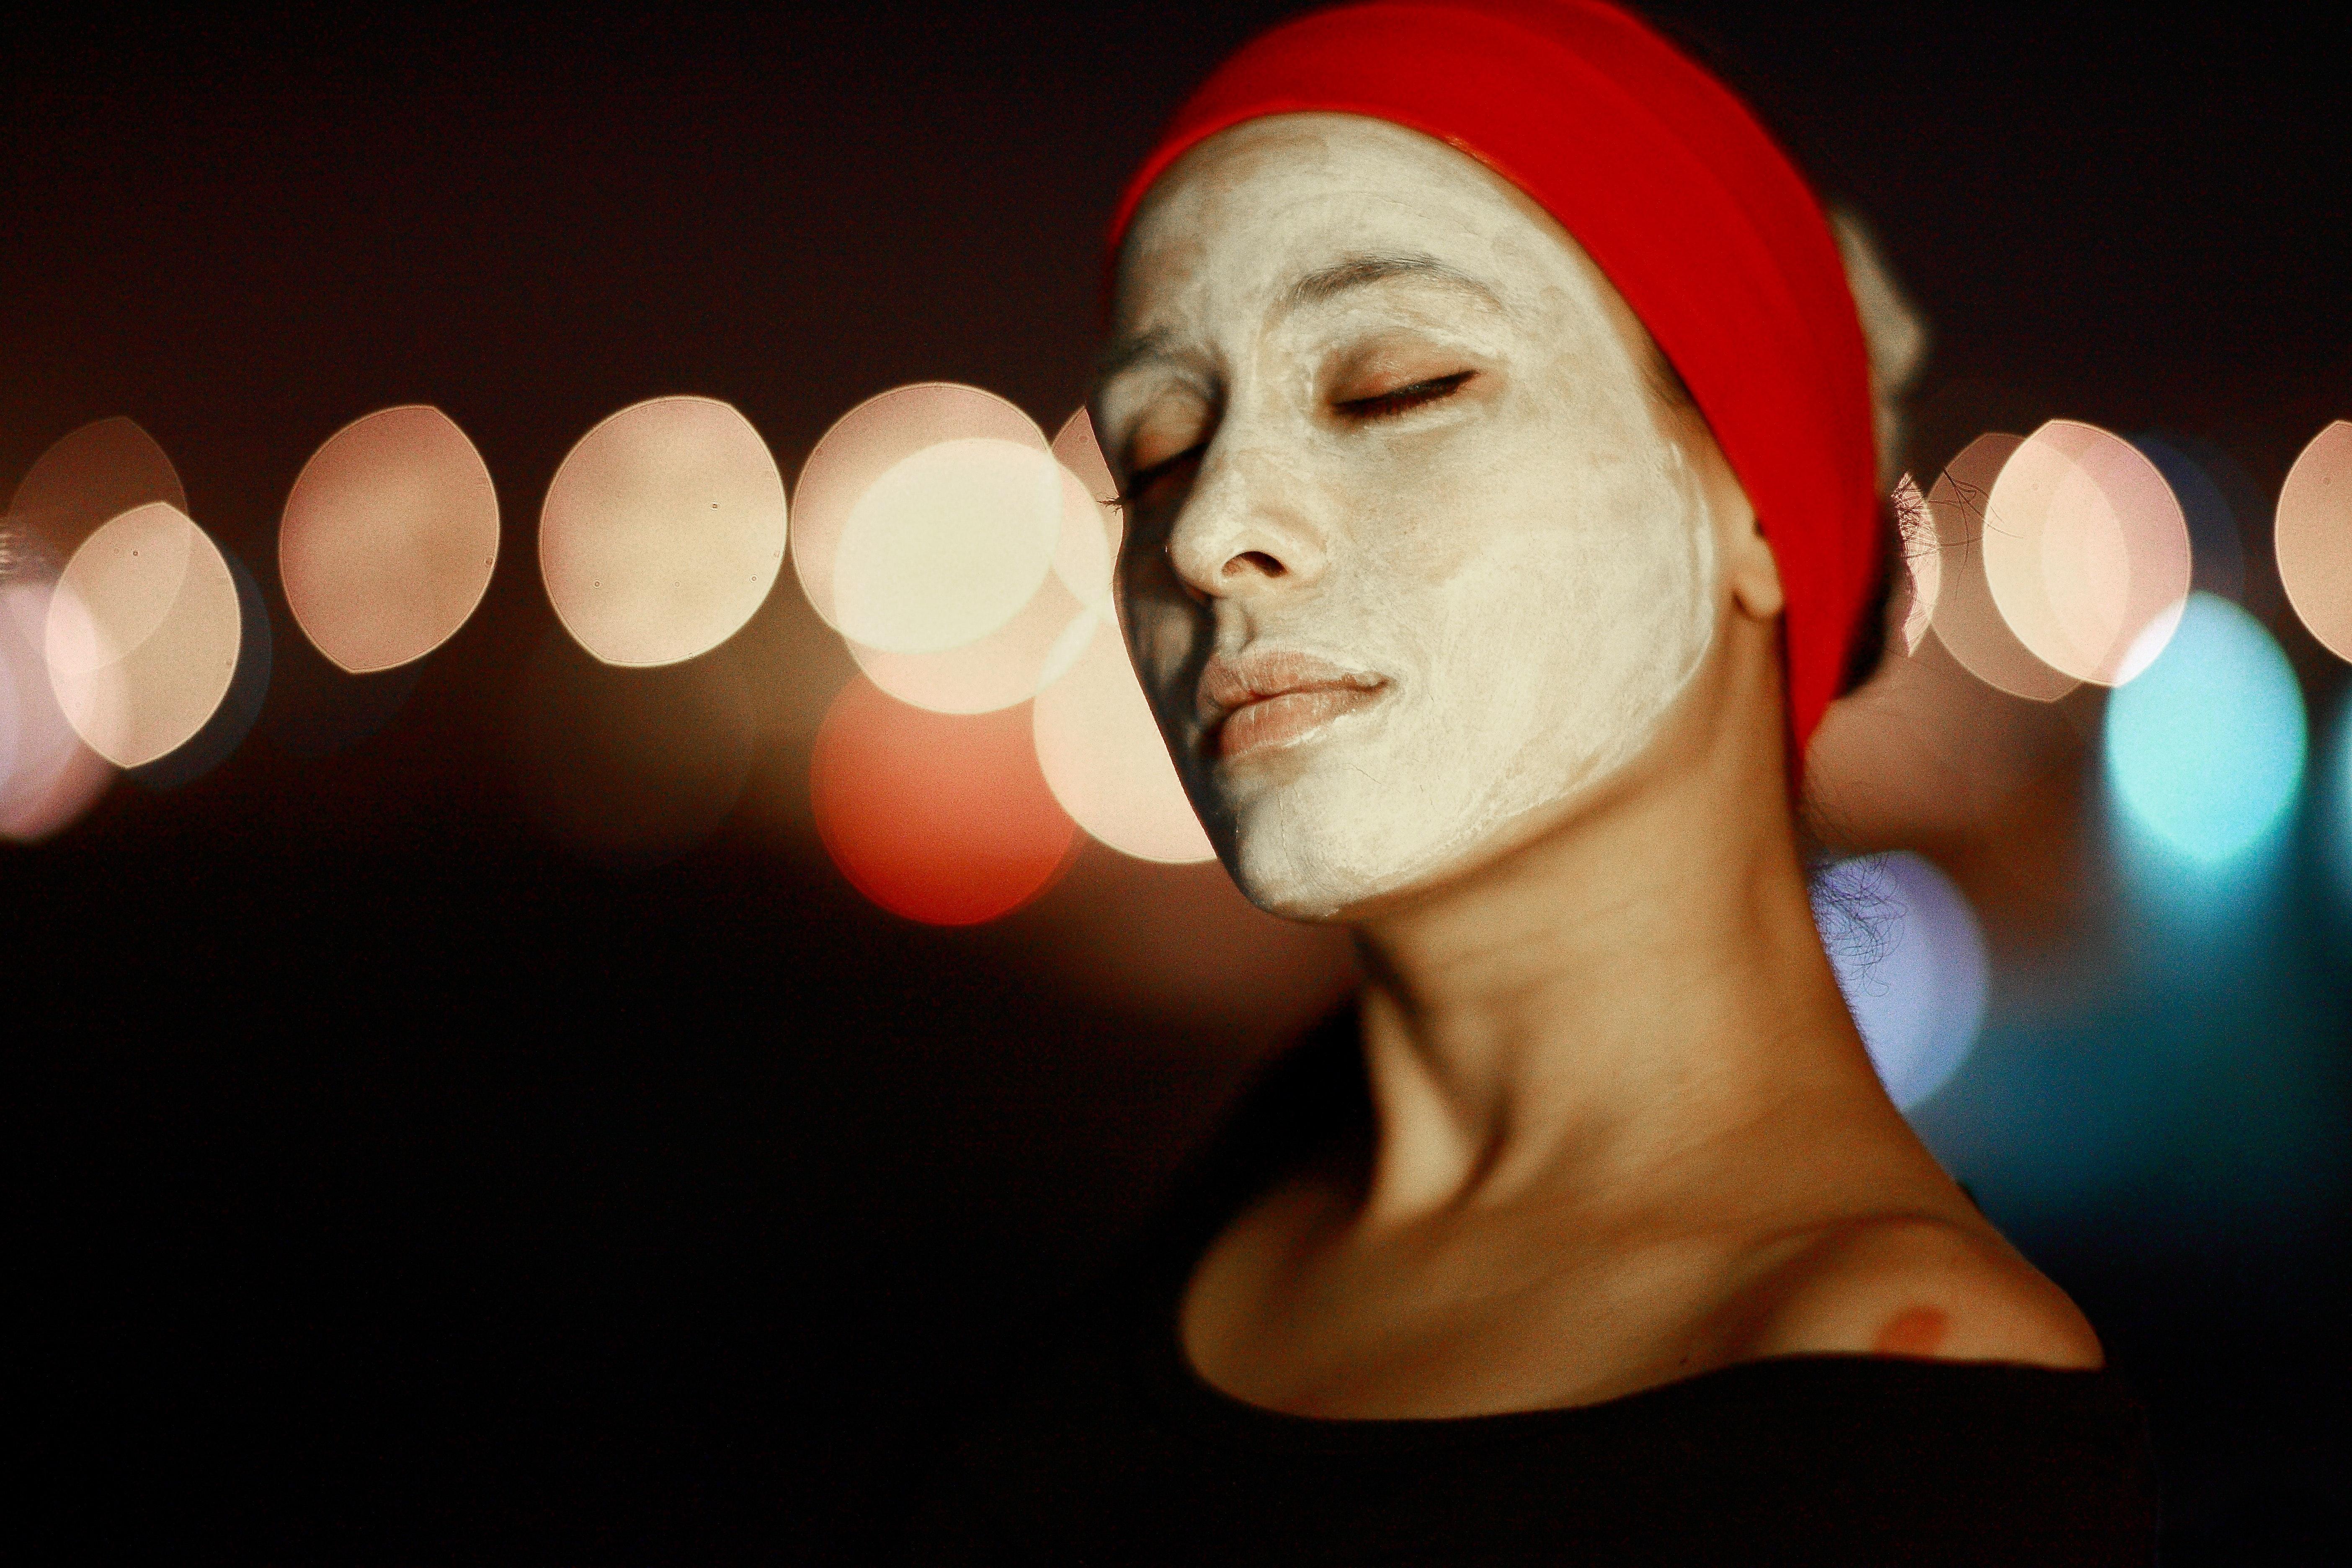 Find hudpleje produkter der passer til din hudtype på www.dermalogica.dk